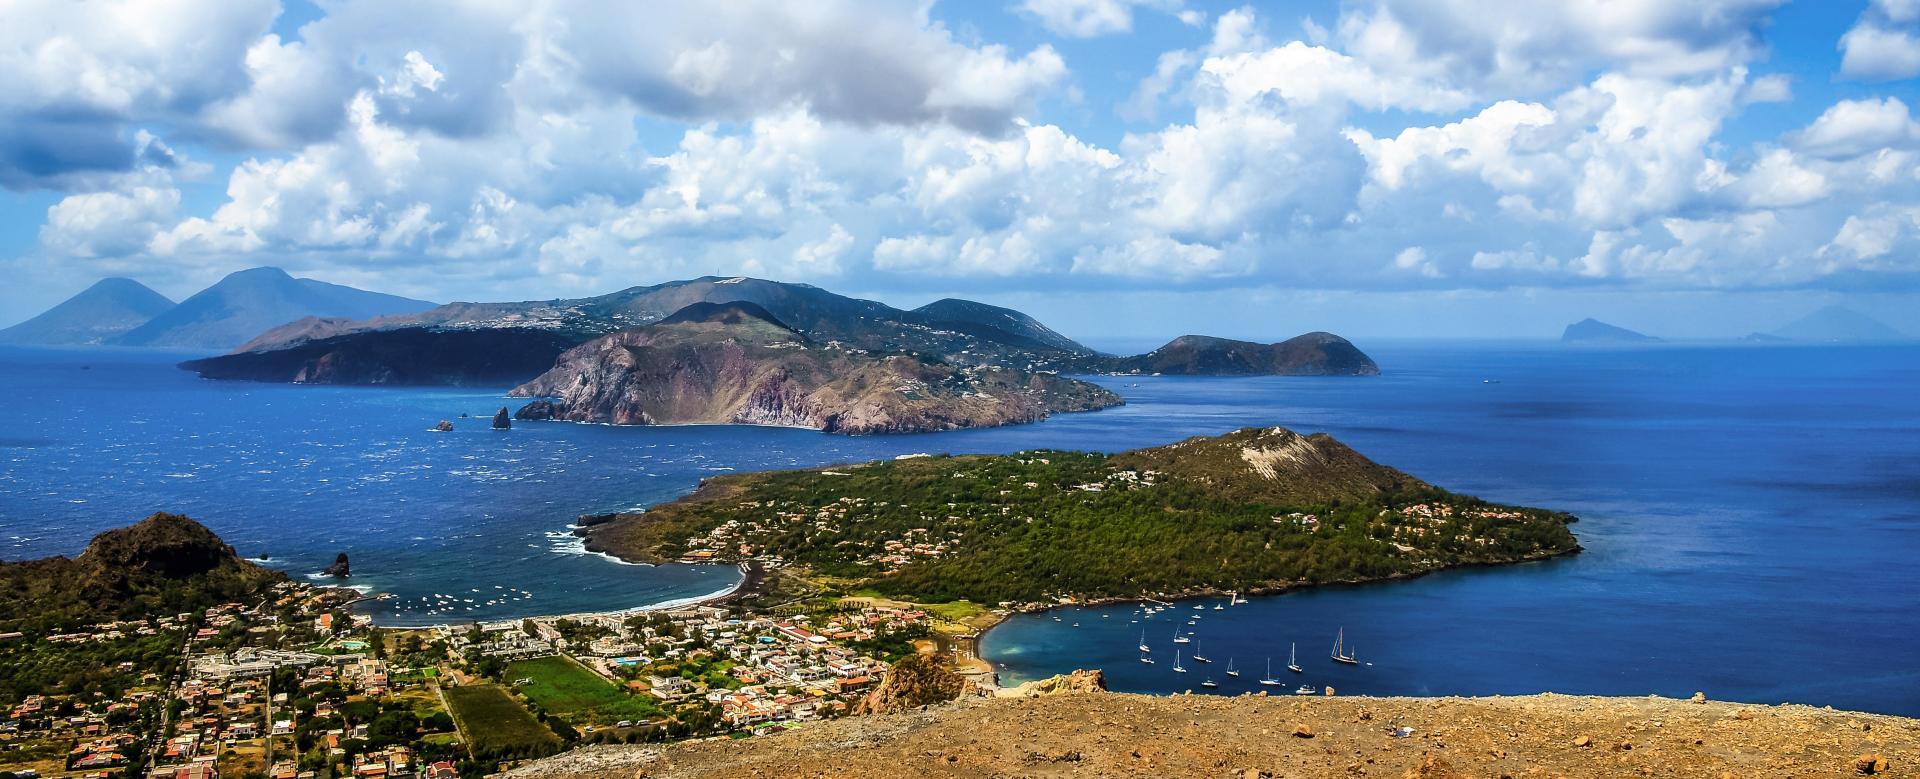 Voyage à pied : Des volcans siciliens à l\'archipel maltais